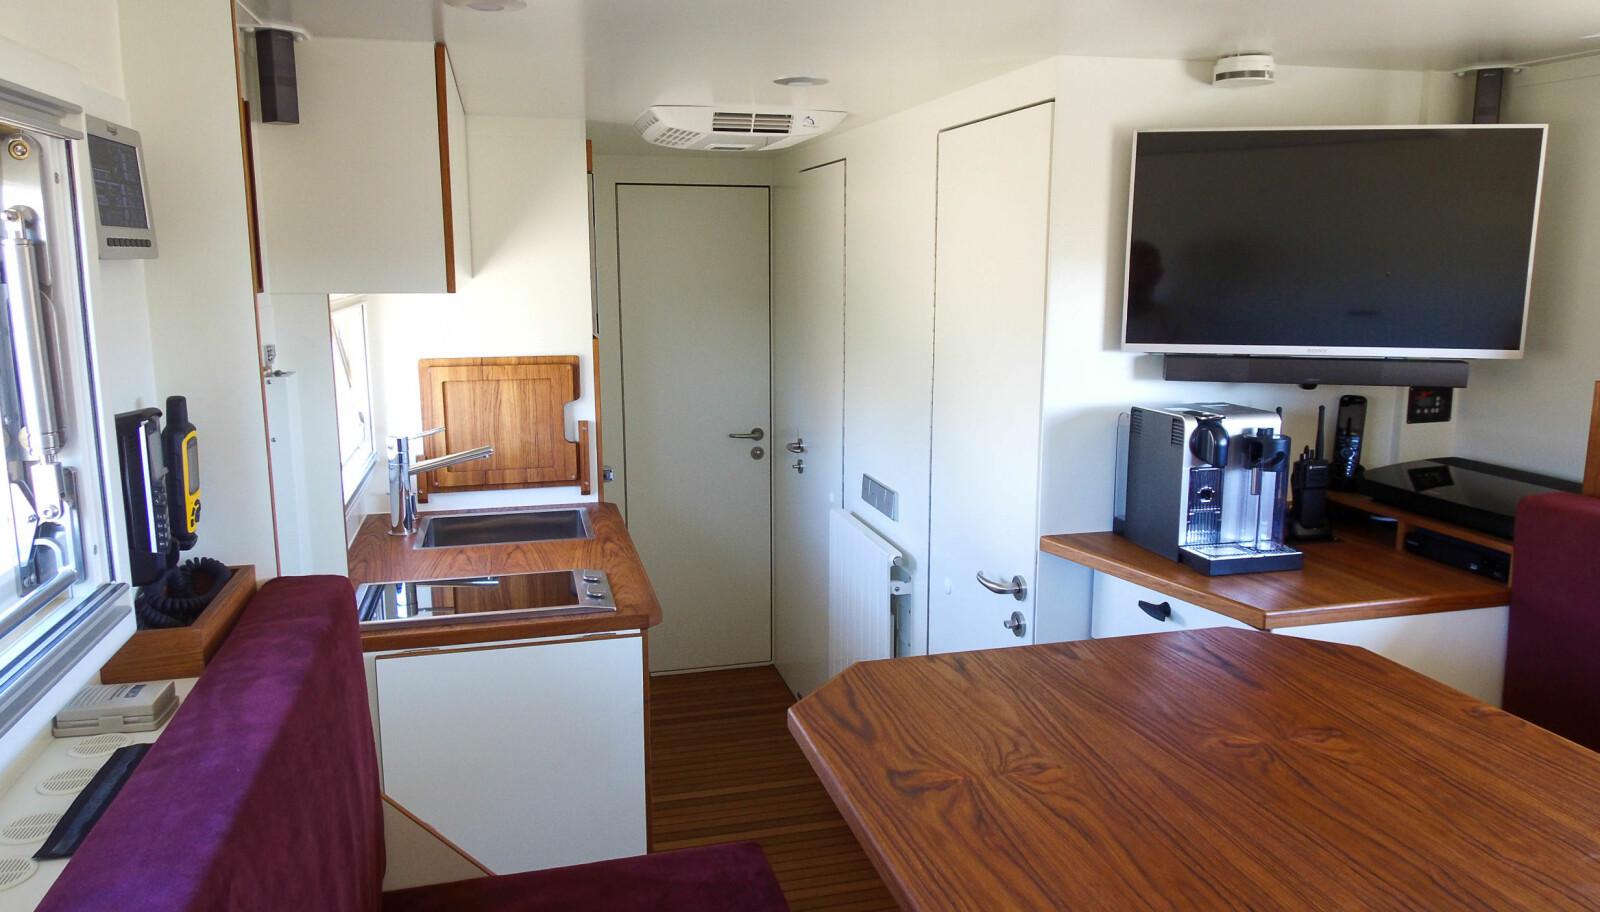 LUKSUS: Bobilen har håndlagede møbler og alt hva et moderne kjøkken skal ha.